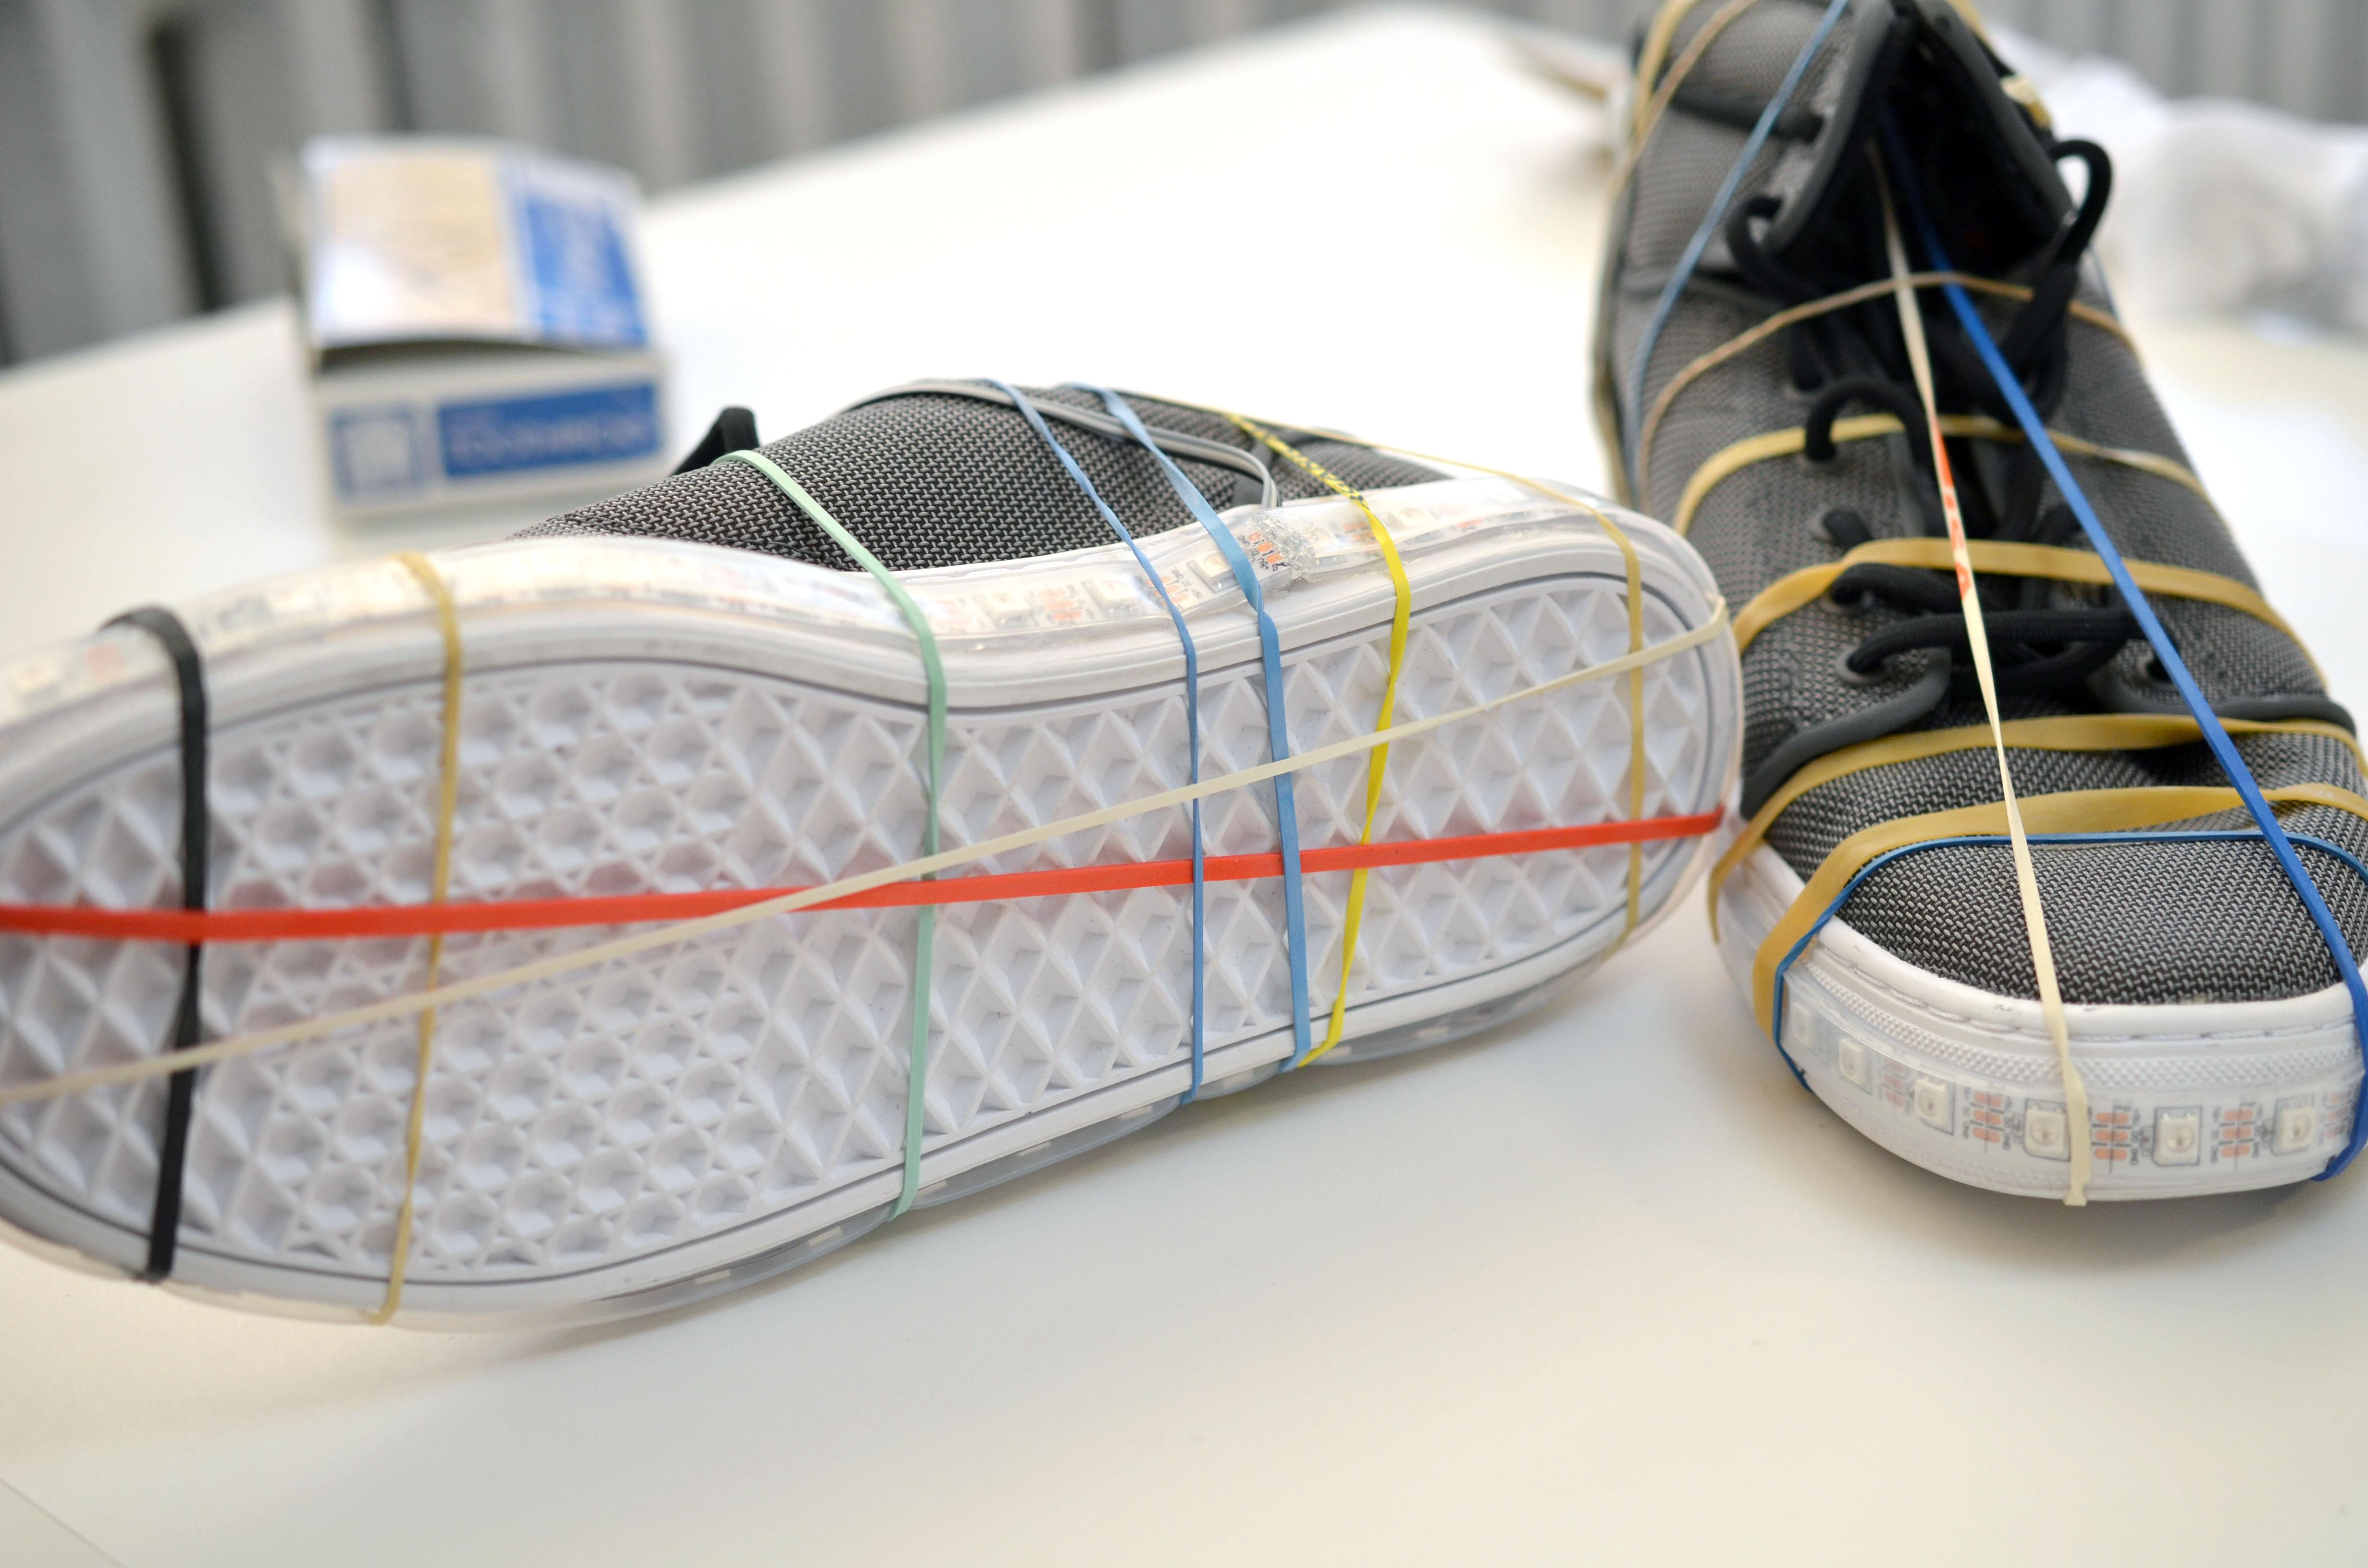 flora_firewalker-led-sneakers-adafruit-24.jpg